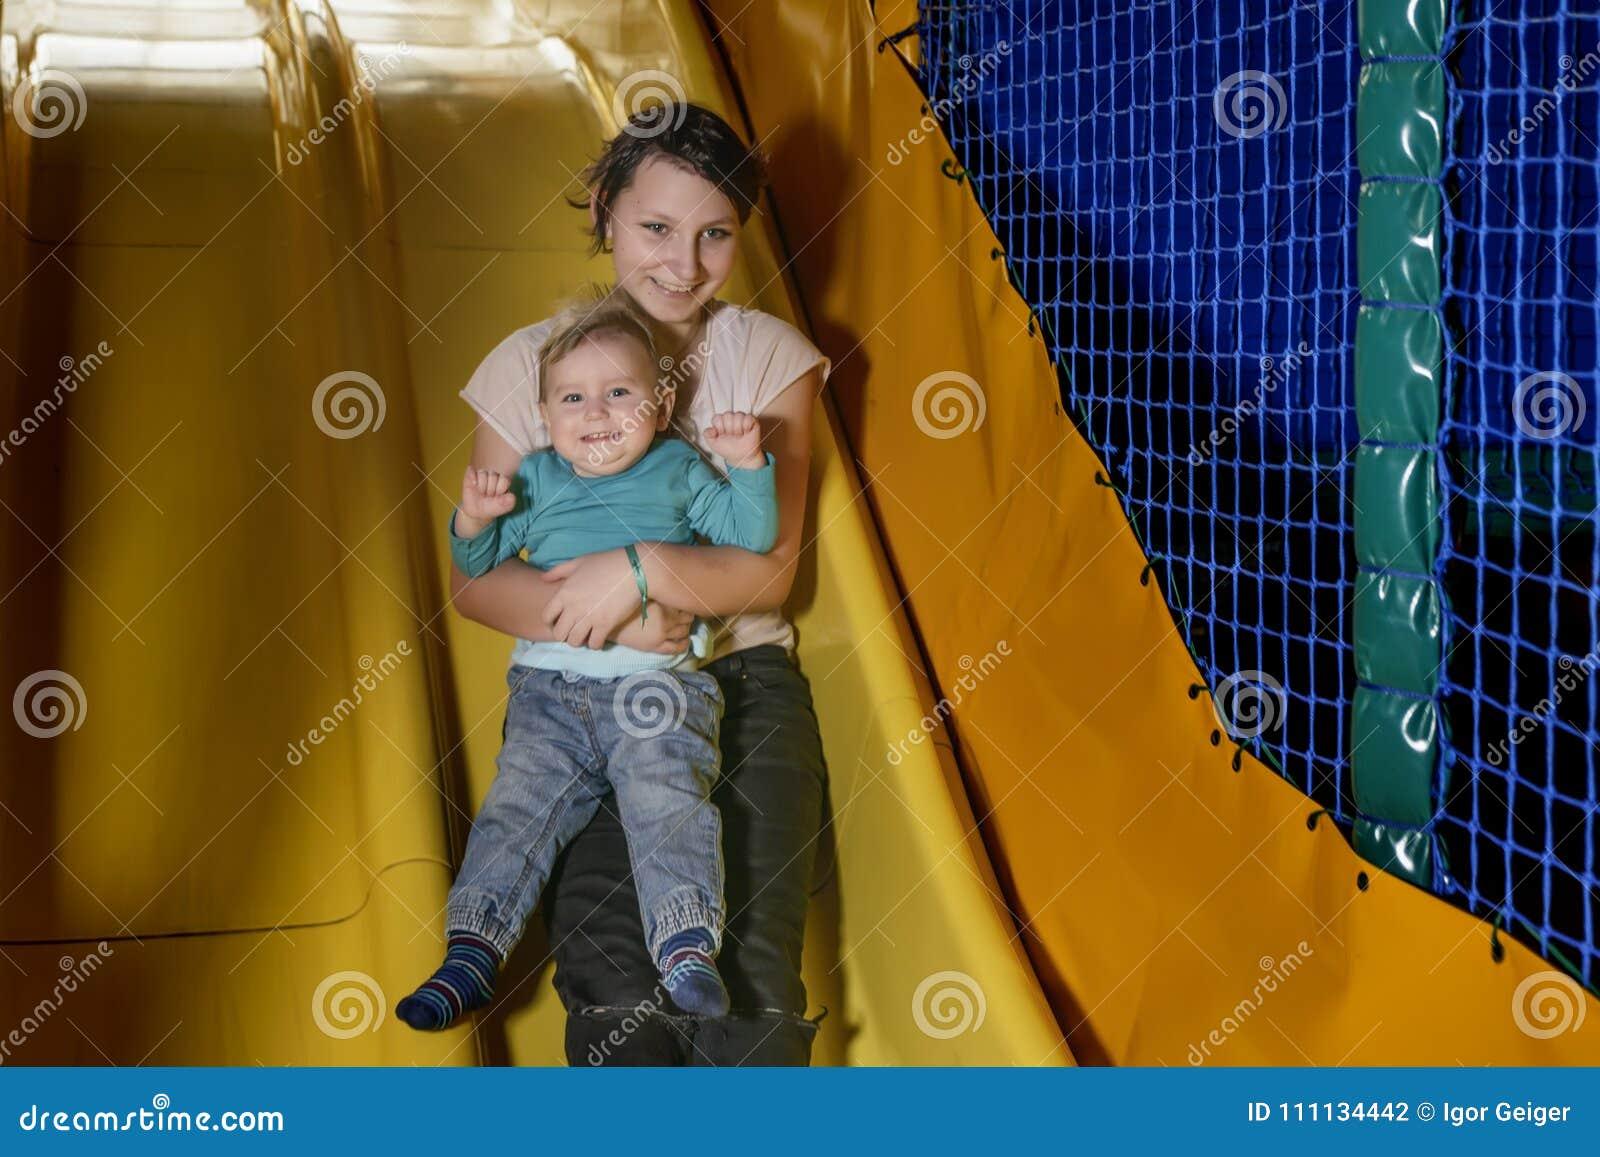 Nastoletnia dziewczyna i mały dziecko jesteśmy szczęśliwie tocznym puszkiem wzgórze